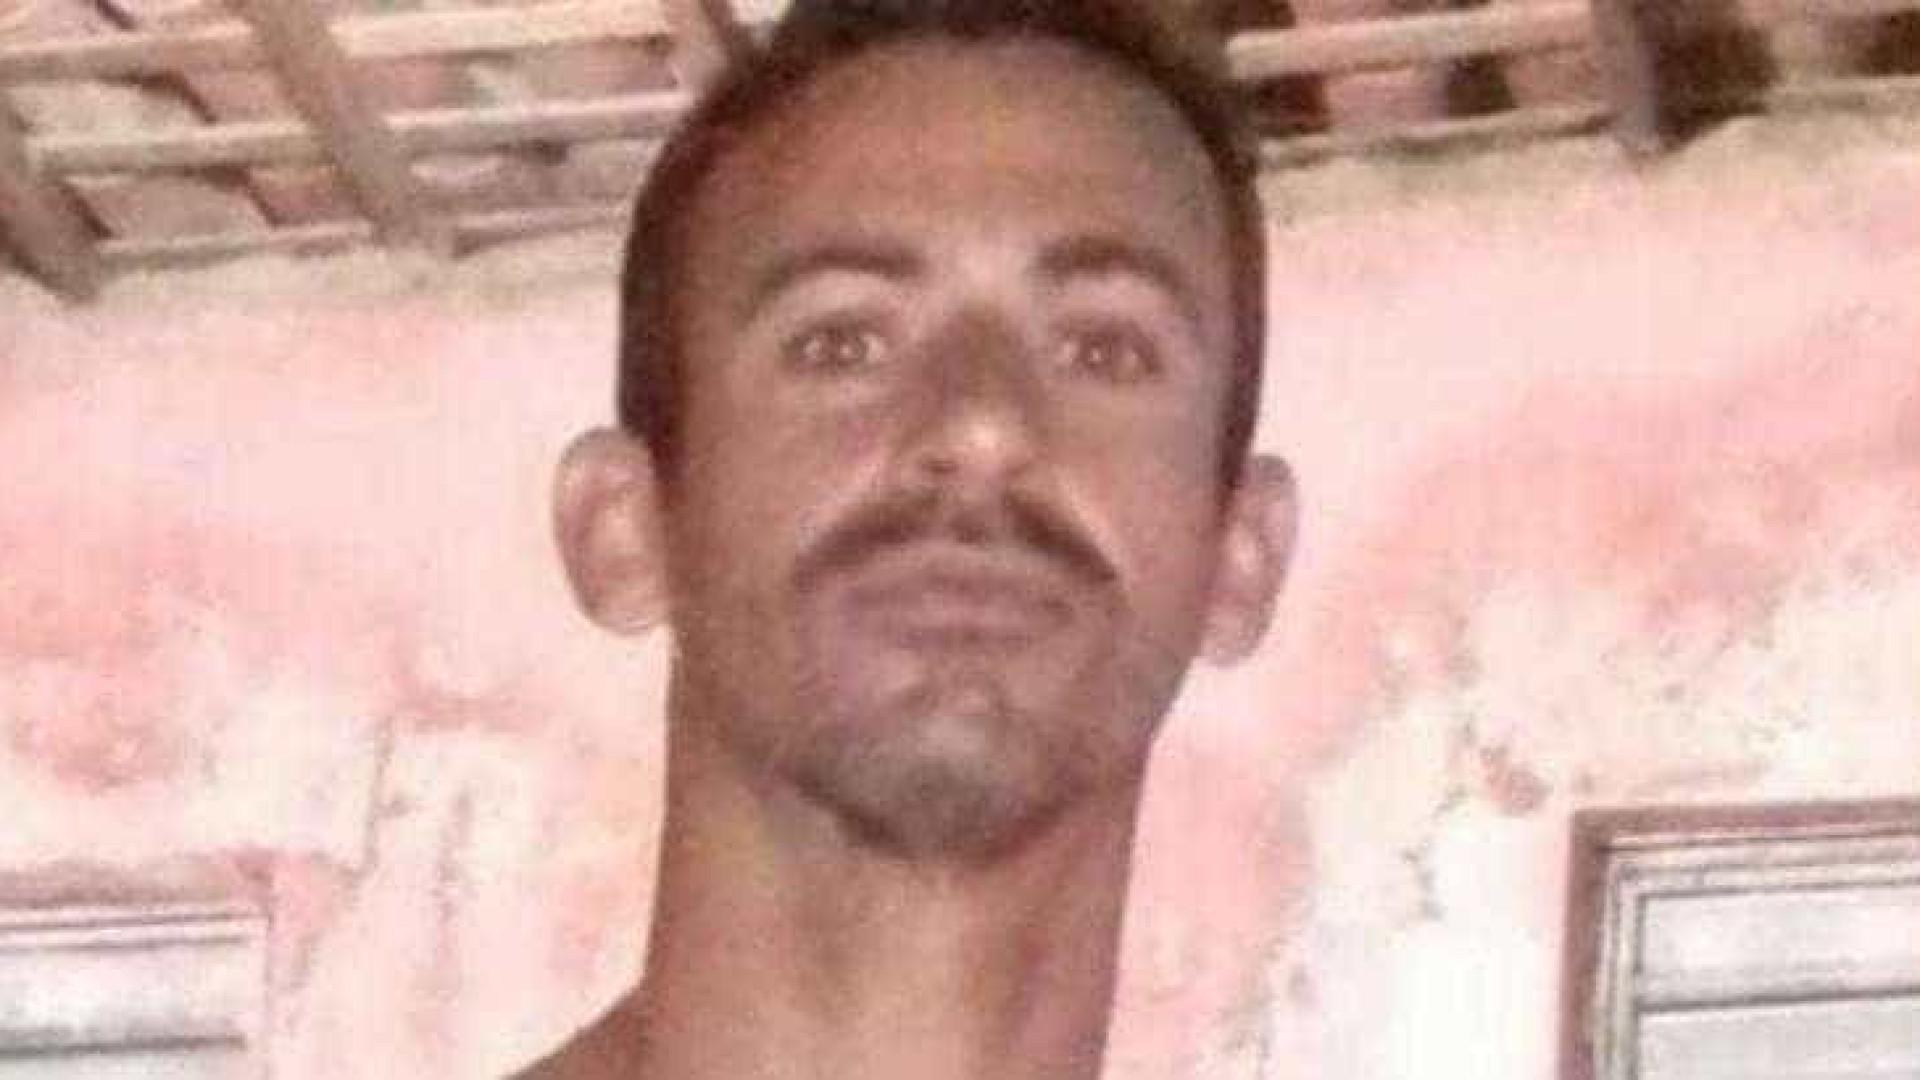 Divulgada imagem de suspeito de estuprar jovens em banheiro de bar